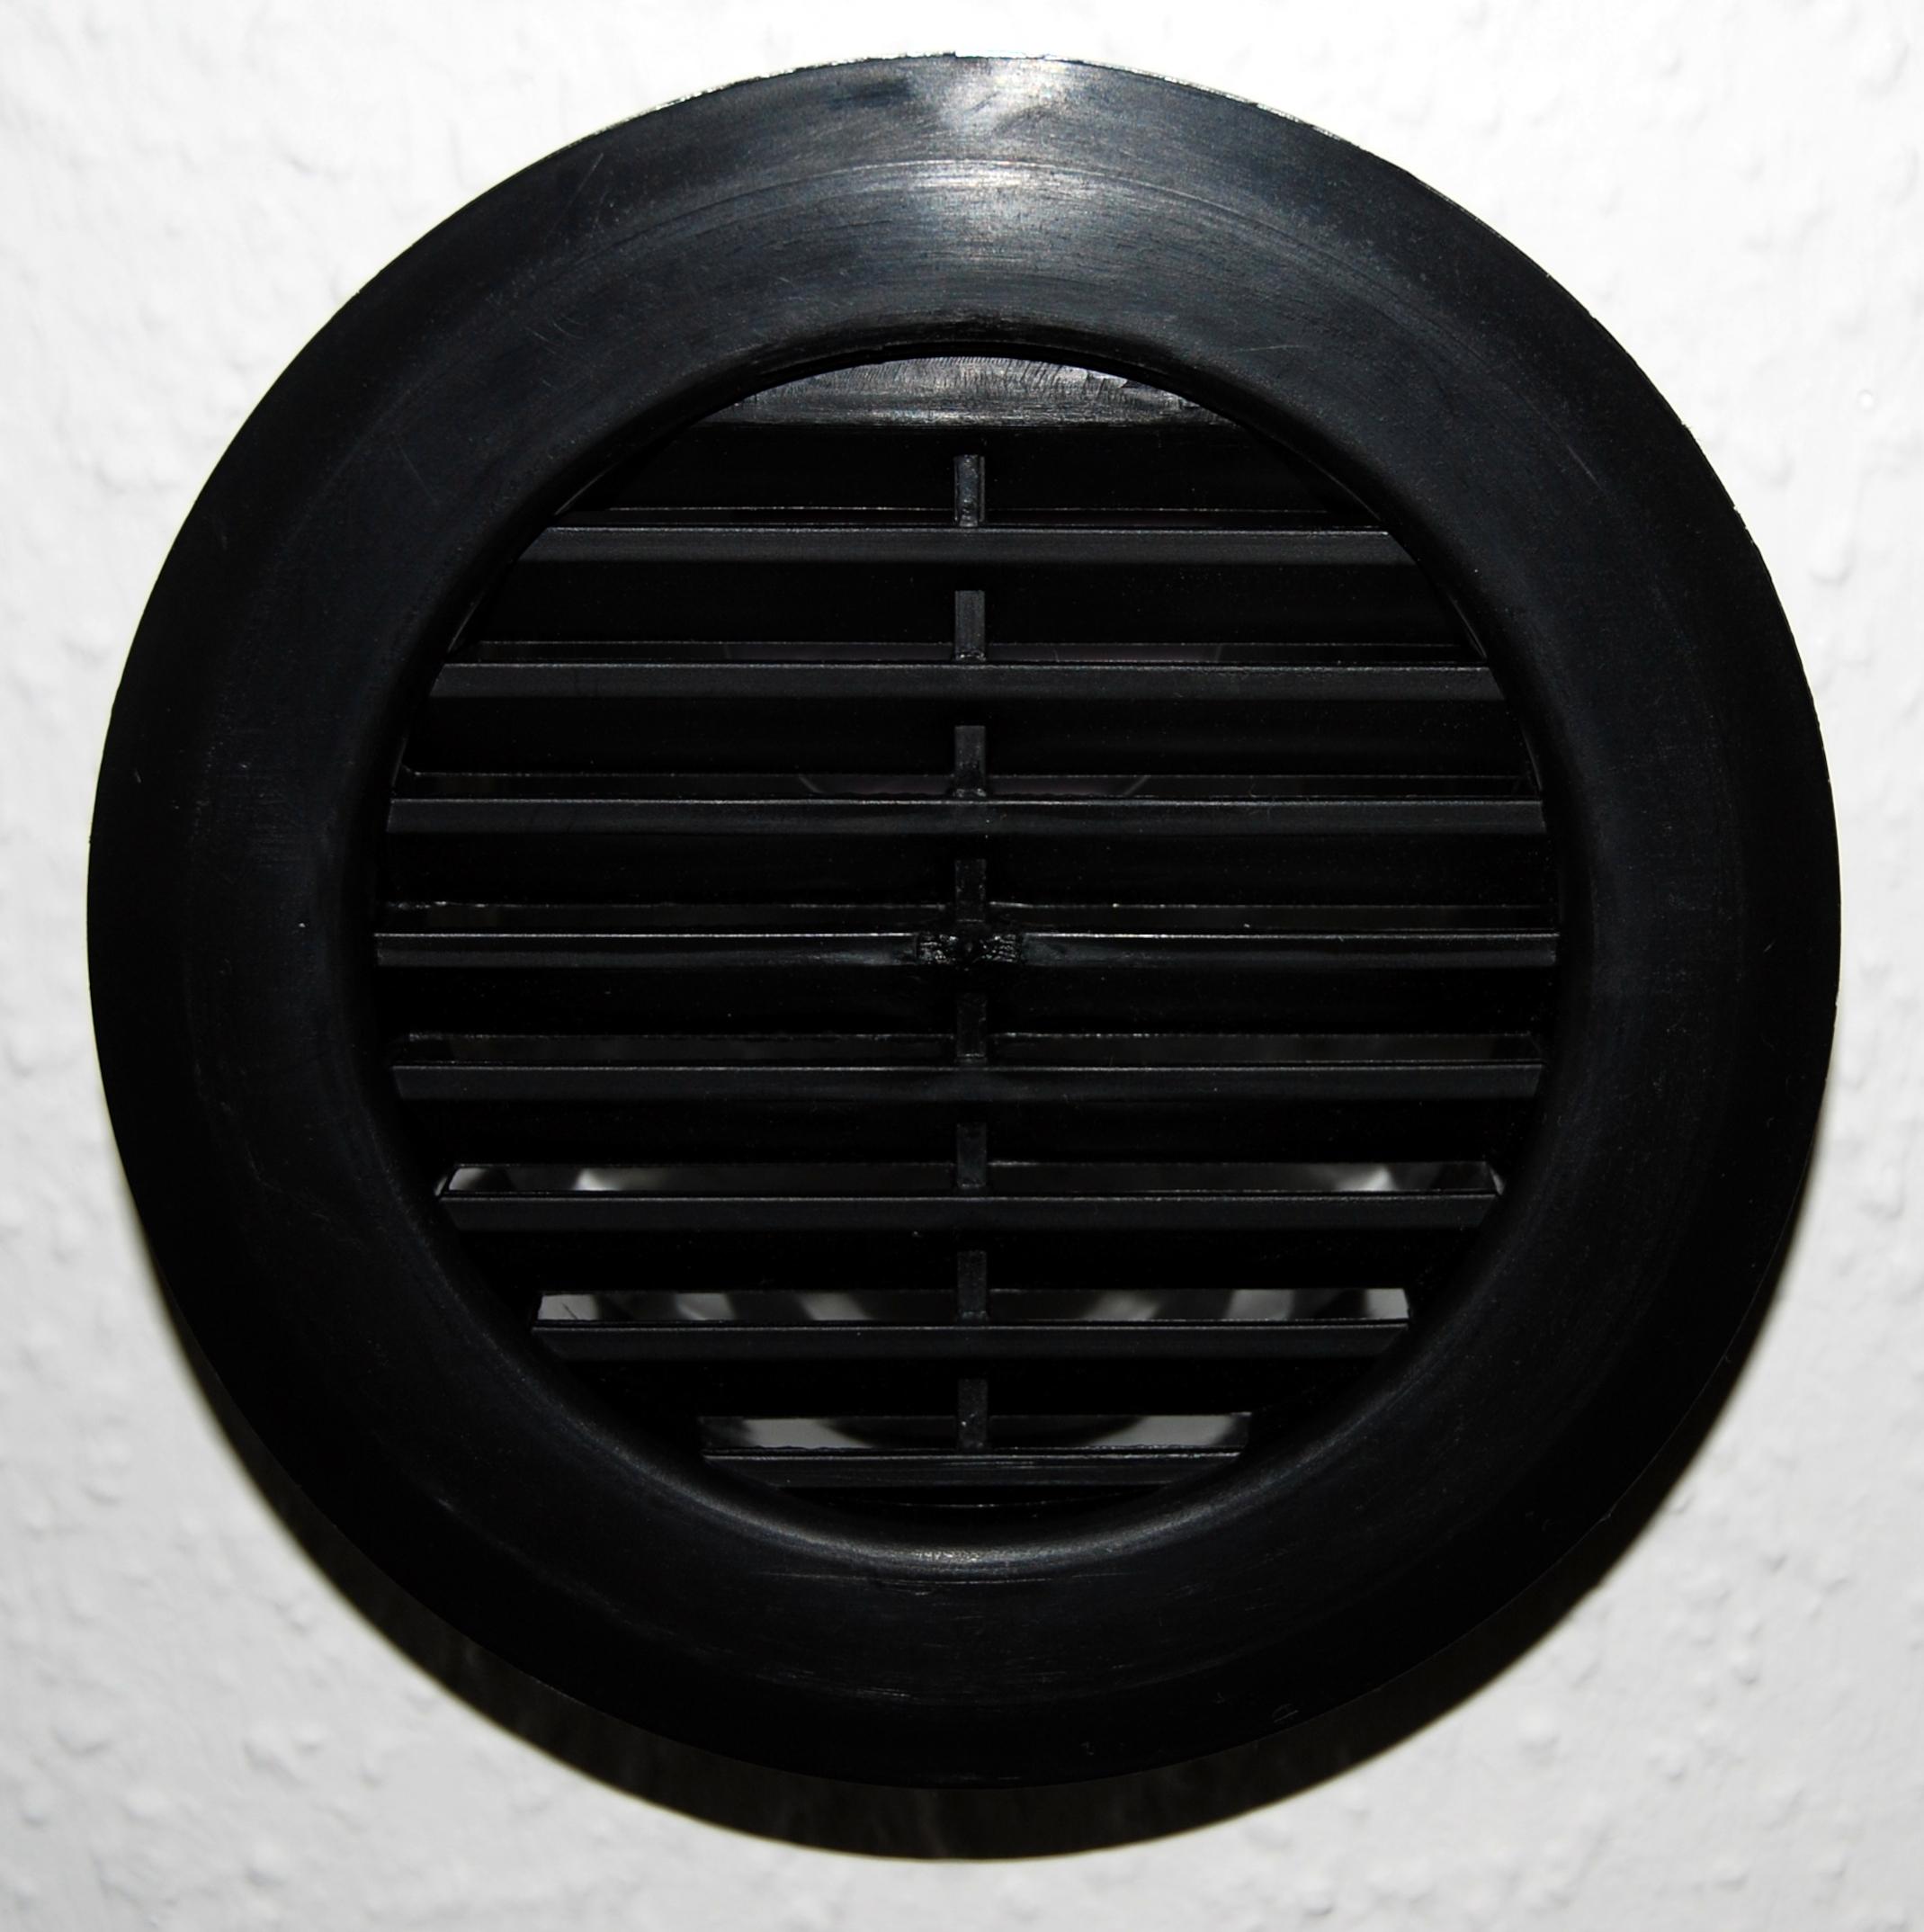 Lüftungsgitter rund, schwarz